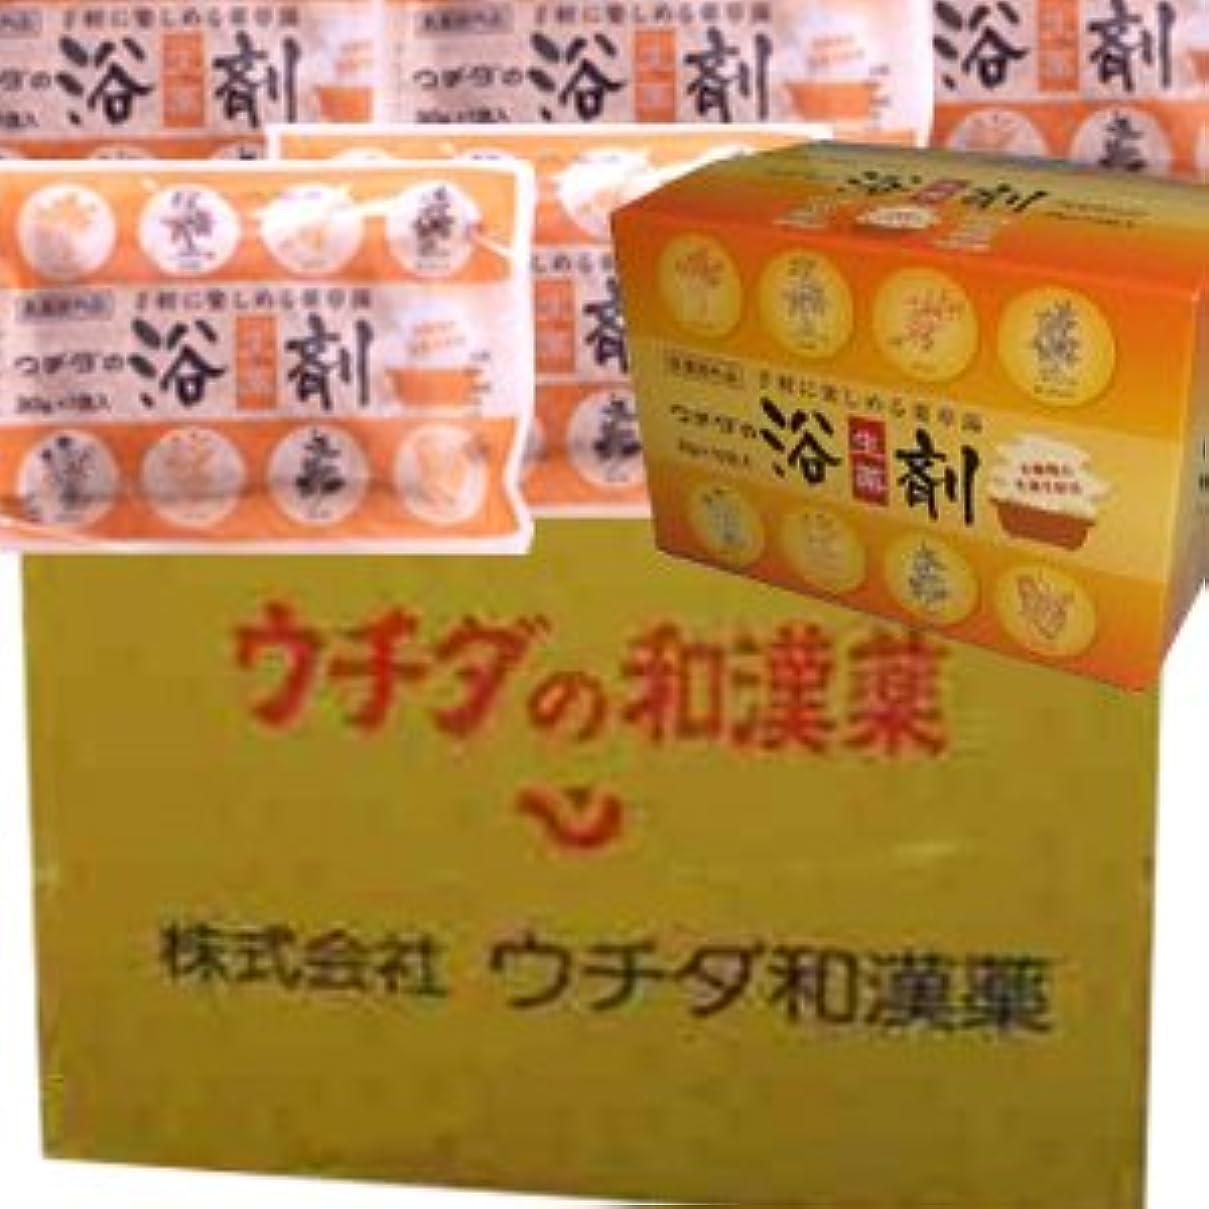 スリラー一貫した工業用【12個1ケース】 ウチダの浴剤 30g×10袋入×12個+6袋 (4987359400025)